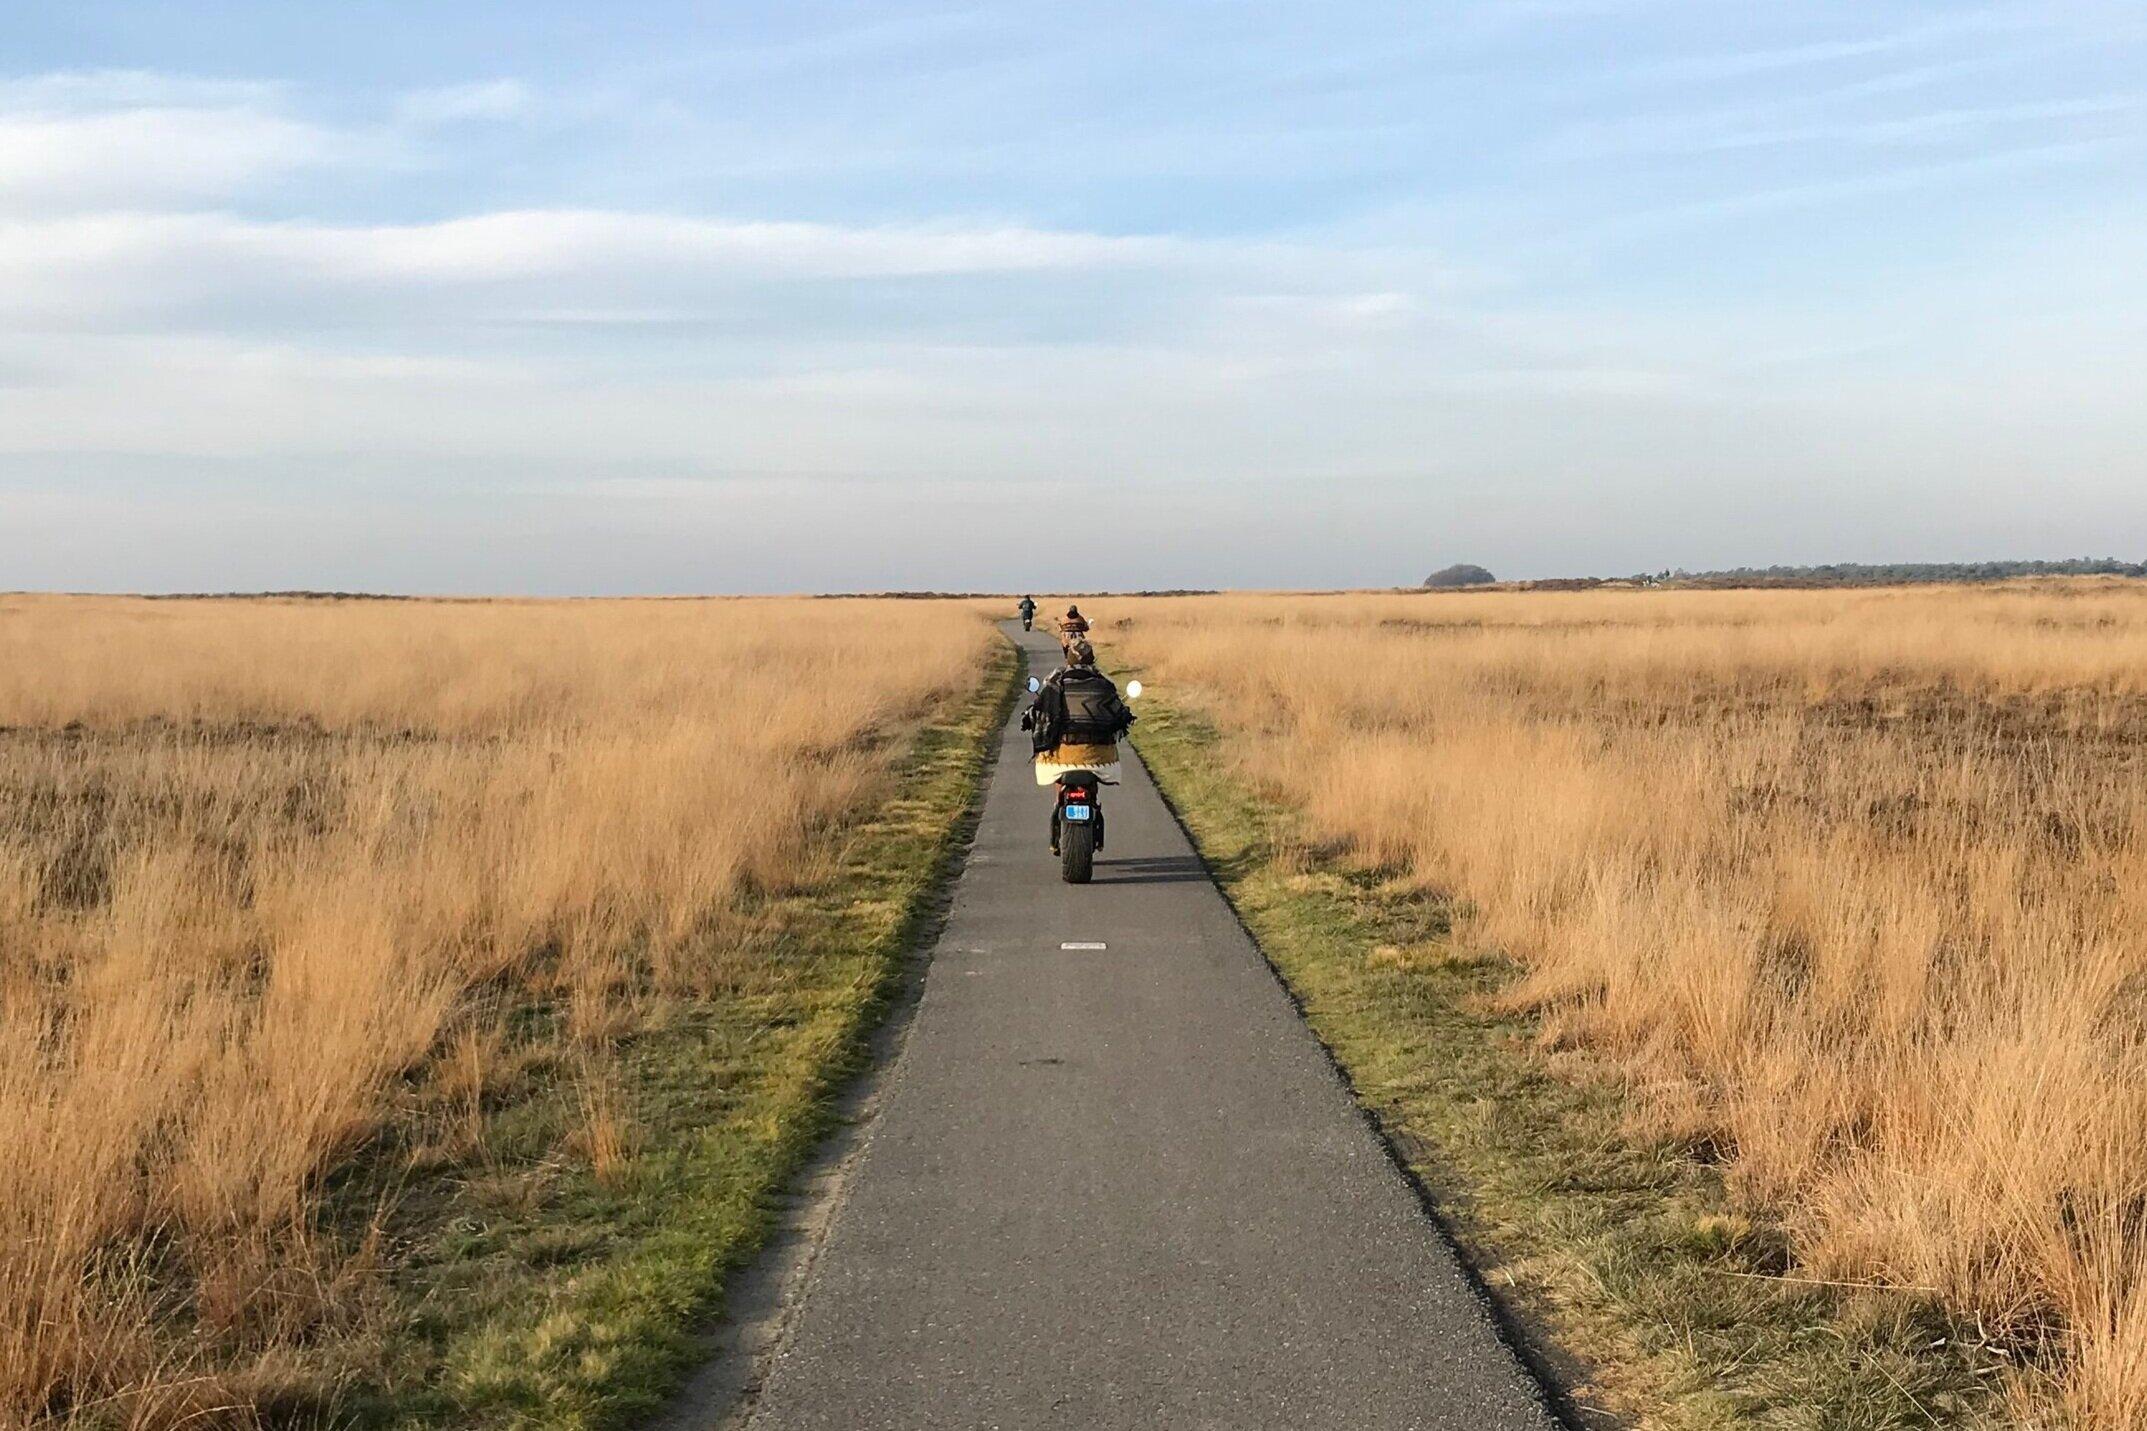 E Chopper Huren In Nederland Ontdek De Veluwe Per E Chopper Expeditie Kram Reisblog Over Kamperen